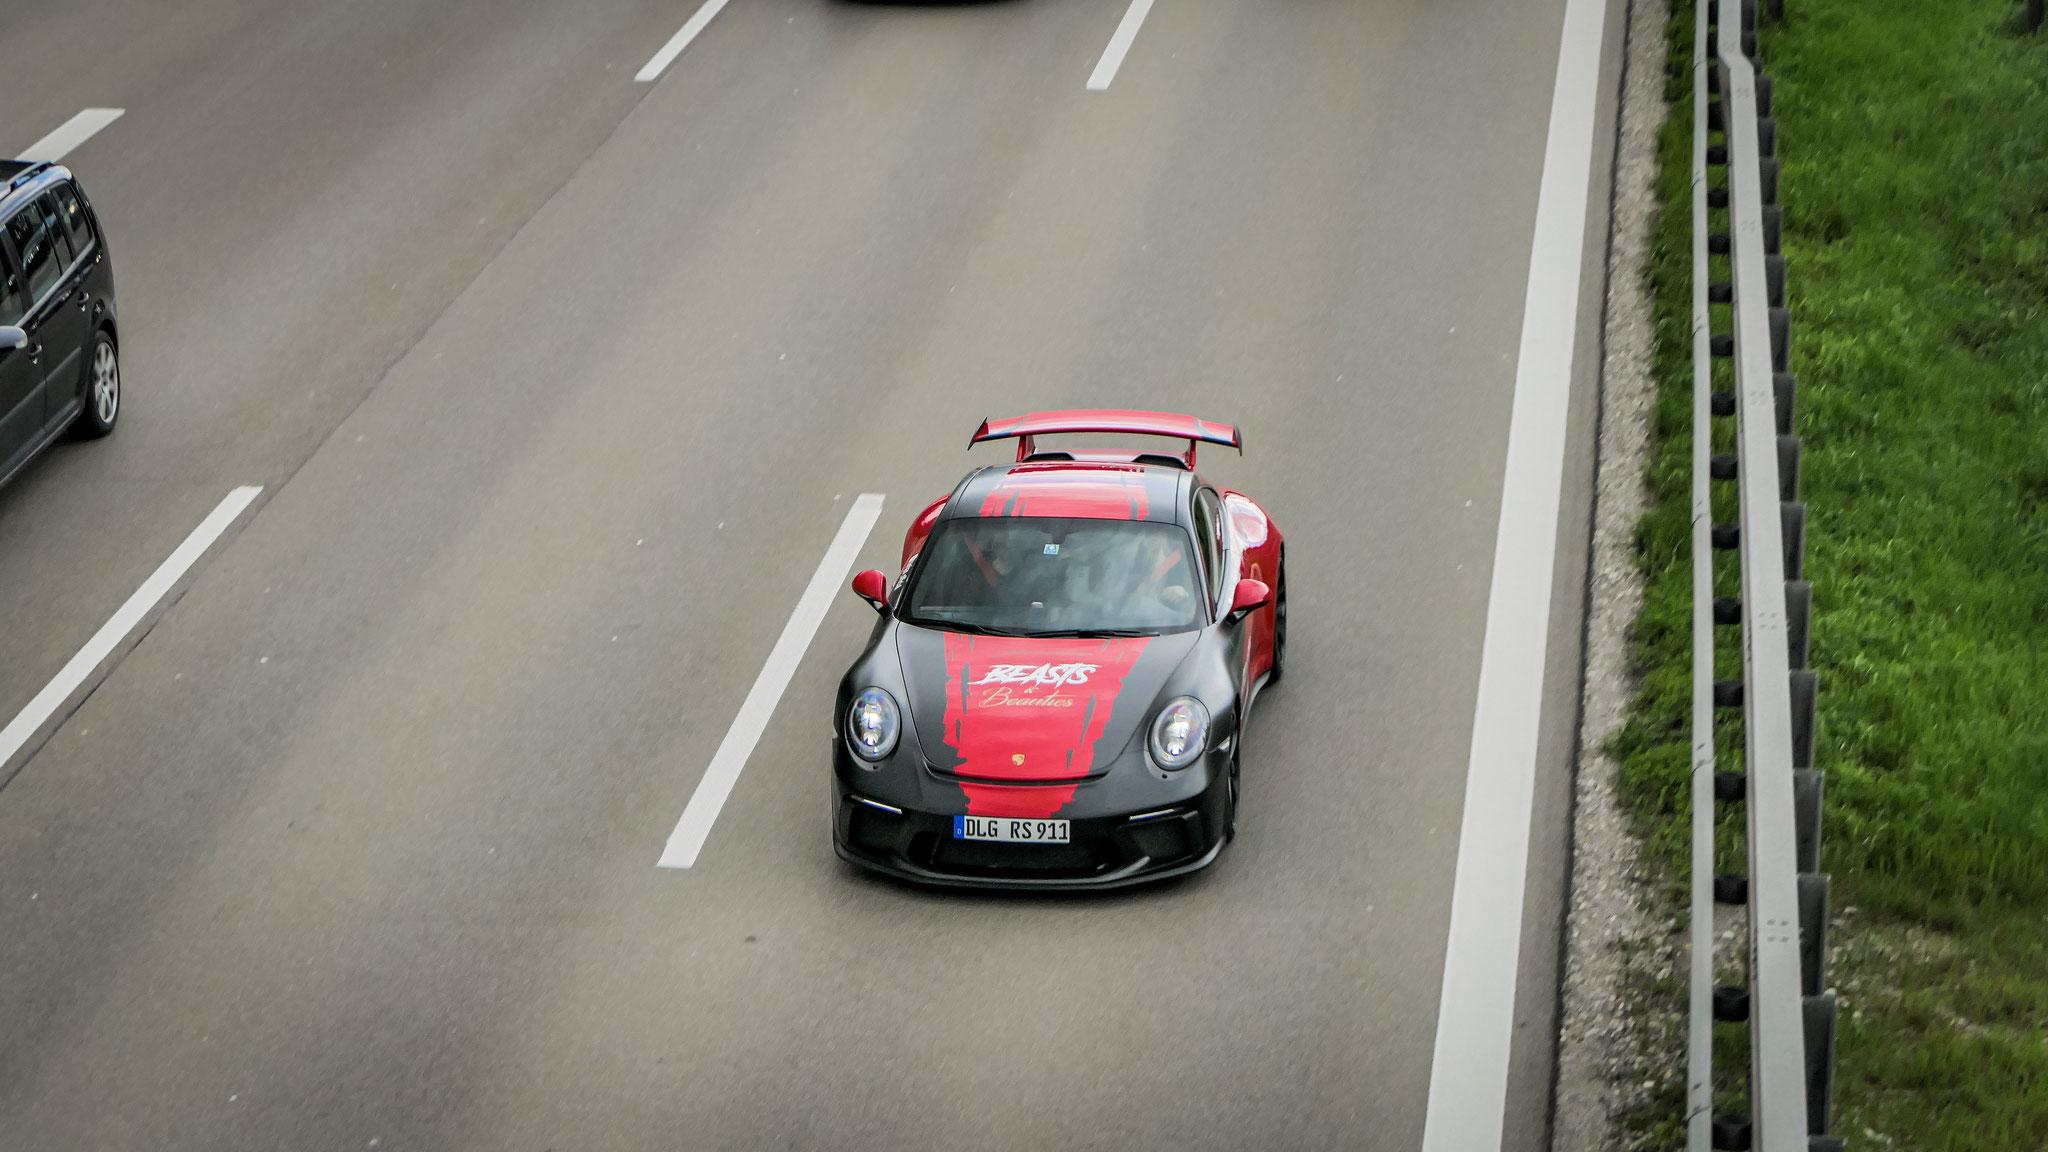 Porsche 991 GT3 - DLG-RS-911